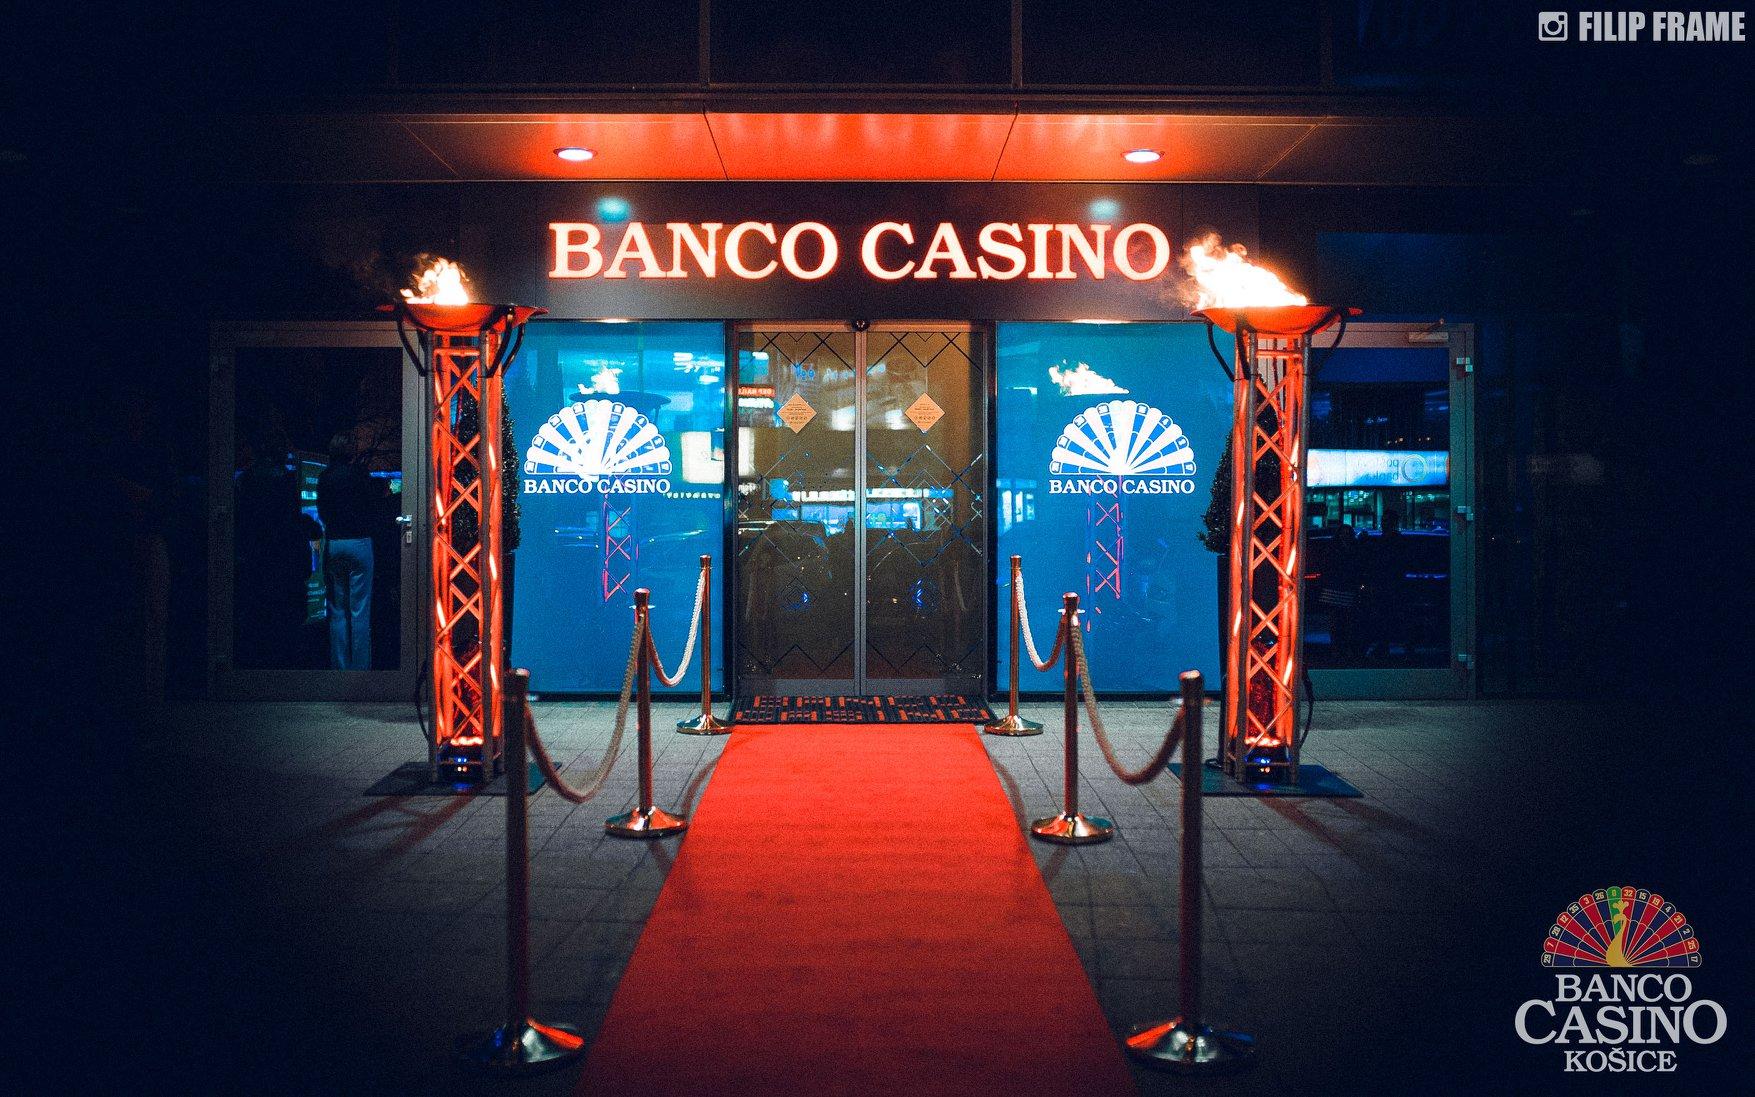 BancoCasino_FRontdoor